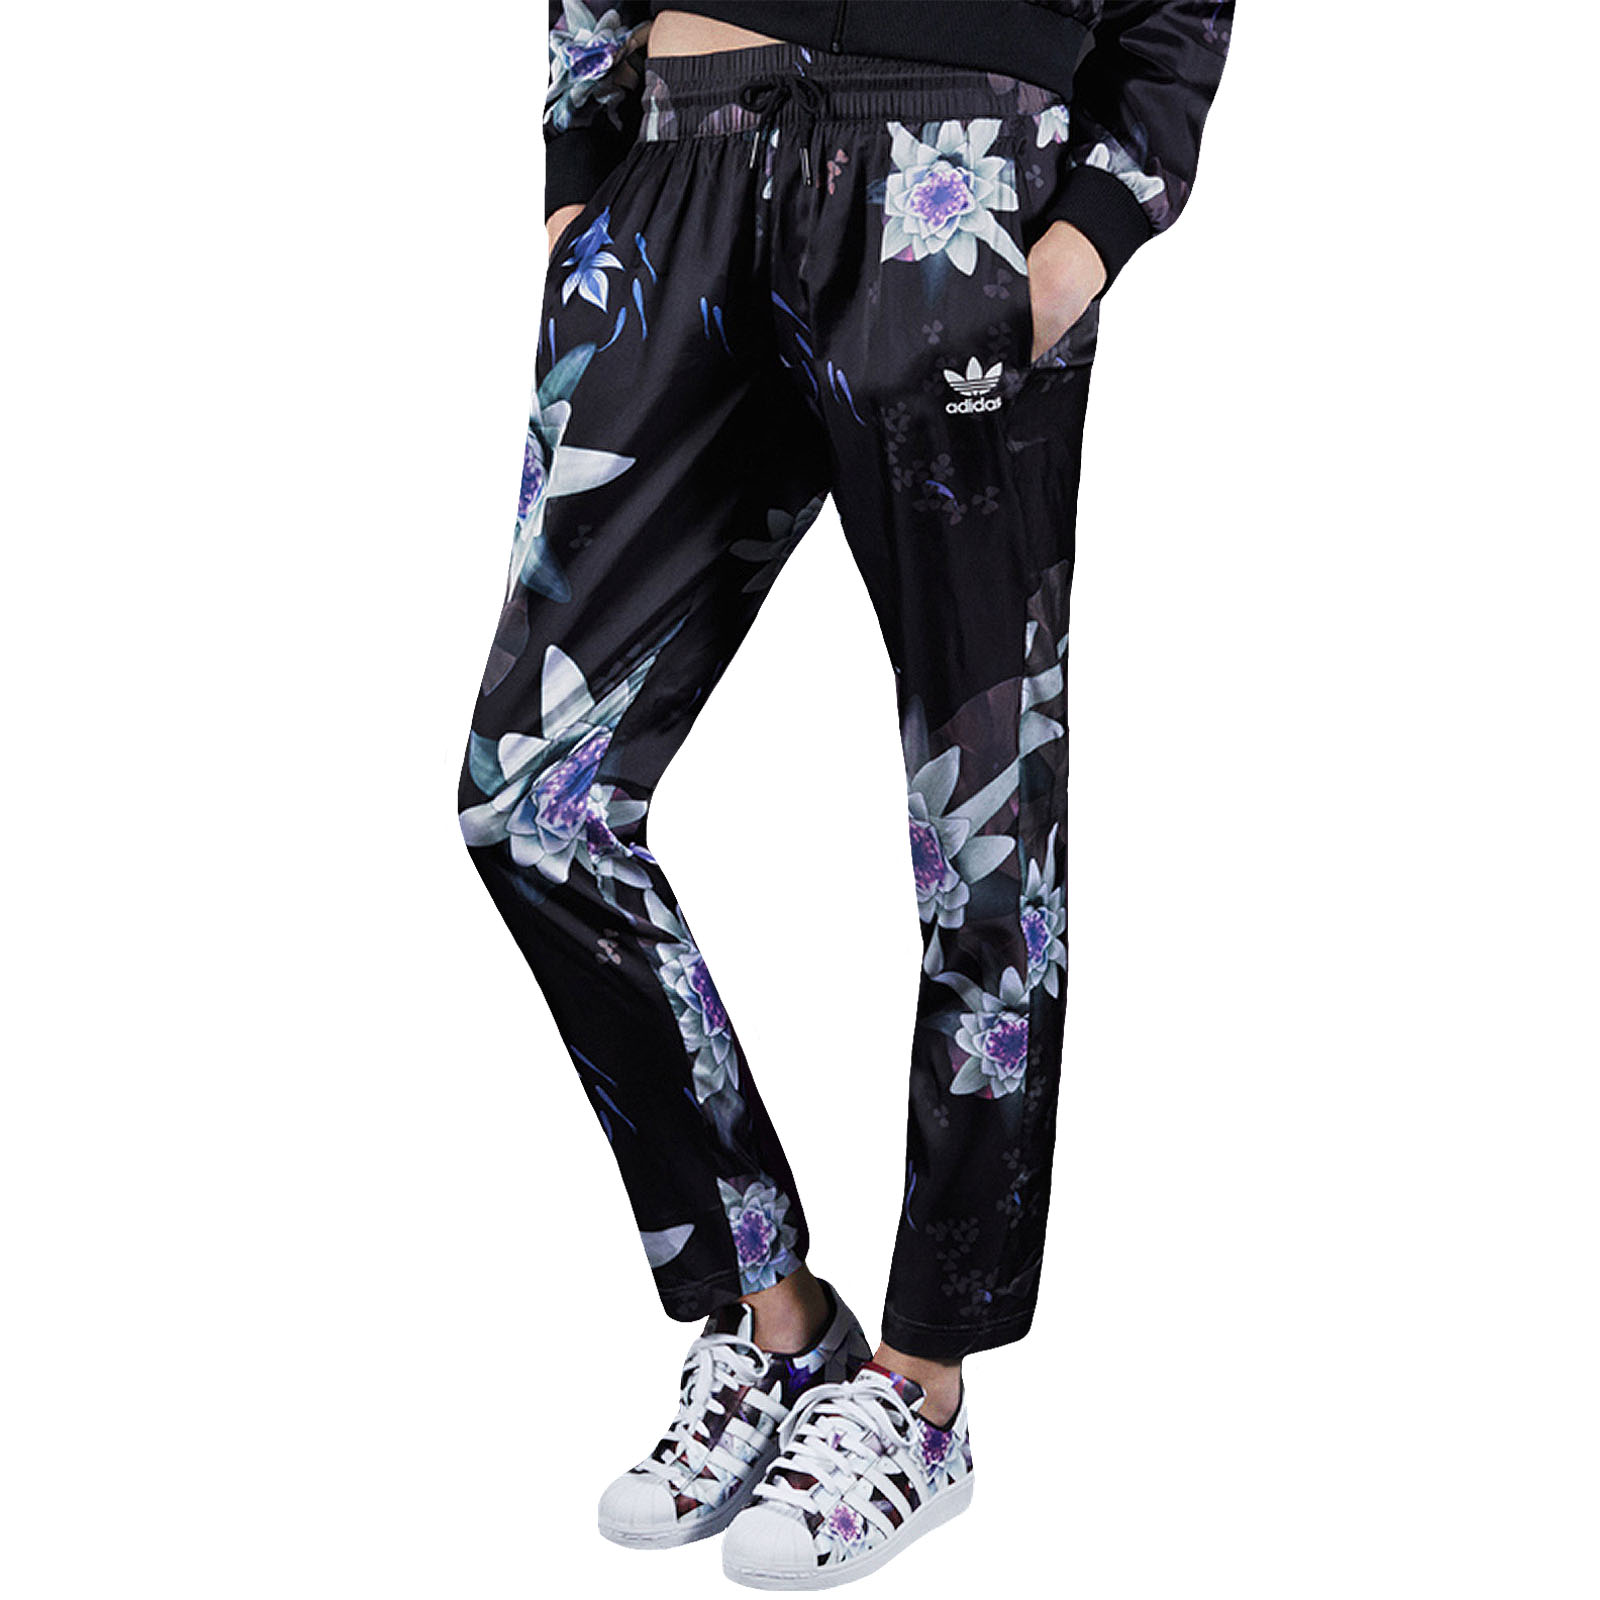 6d8de9d749 Details about adidas Originals Womens Lotus Print Tracksuit Track Bottoms  Pants - Floral